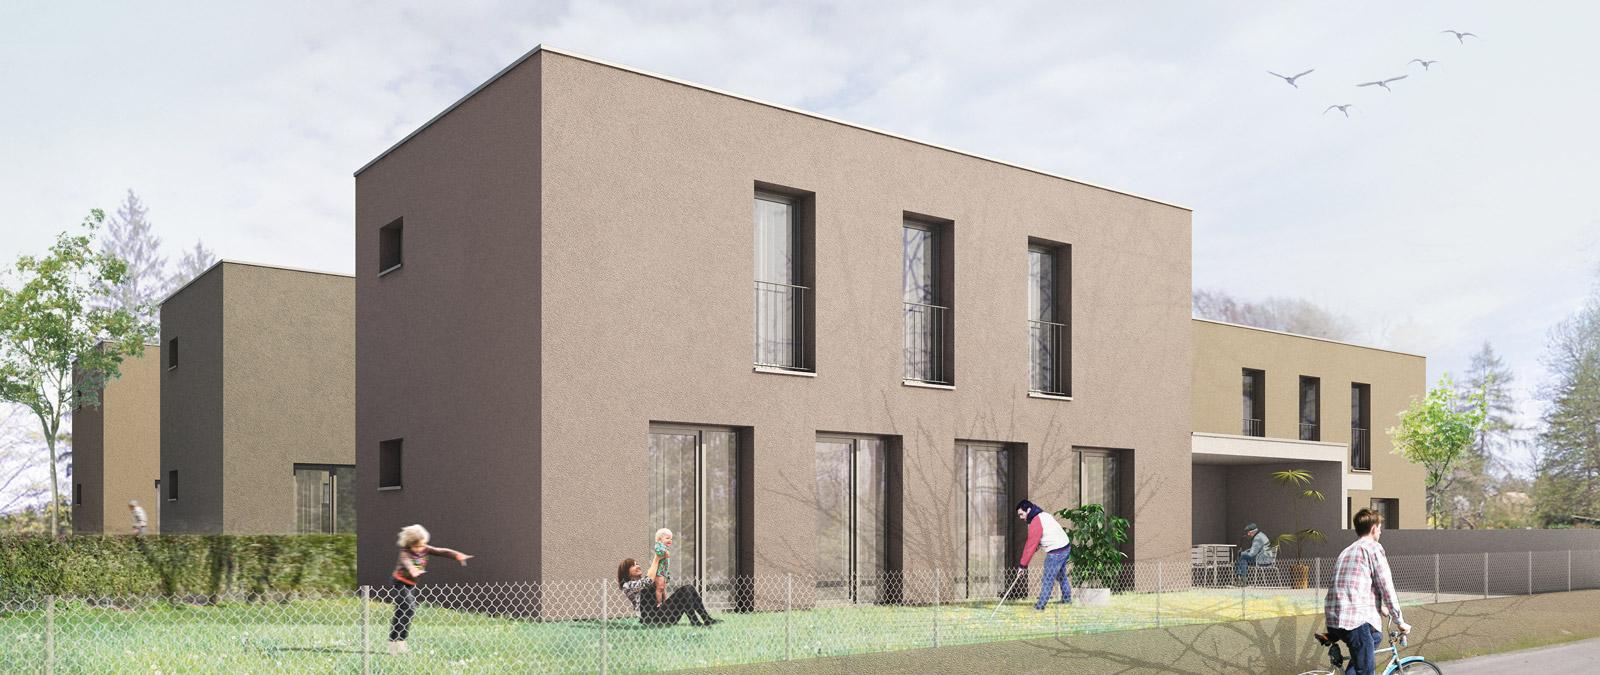 Compact housing – 5 houses in Genthod I Eduardo Hunziker, Claude Villat